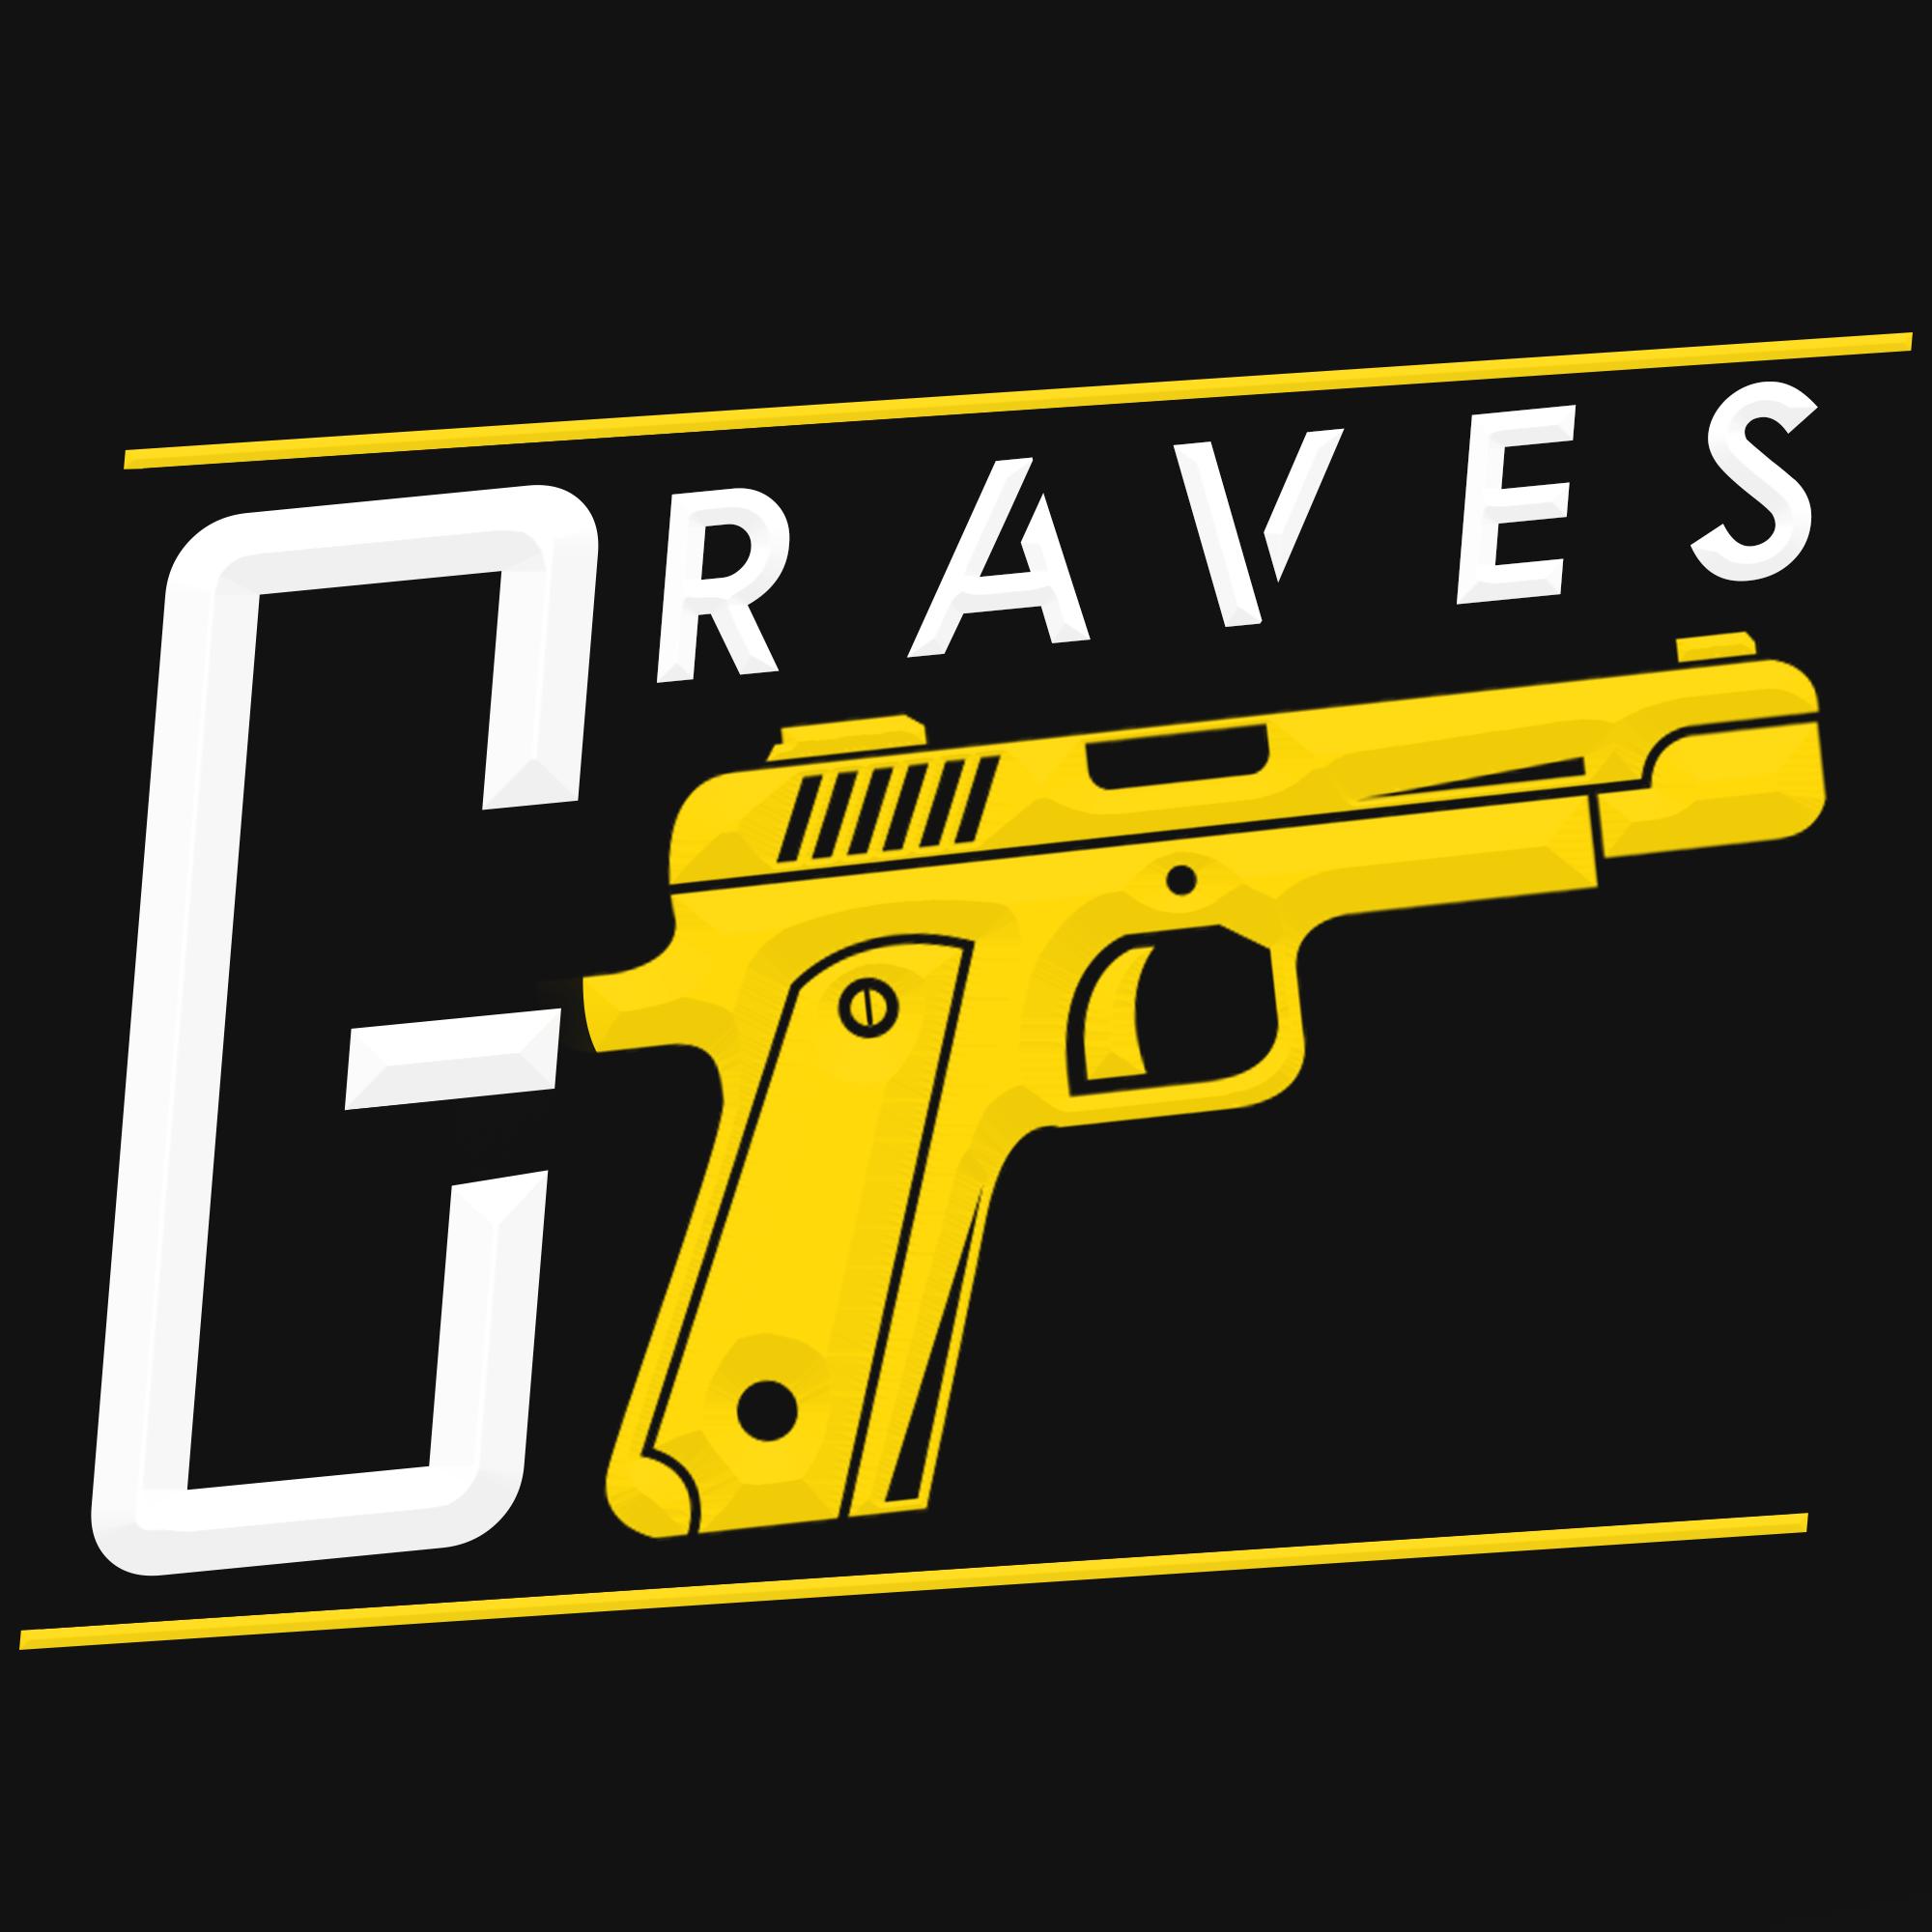 gravesblack.png